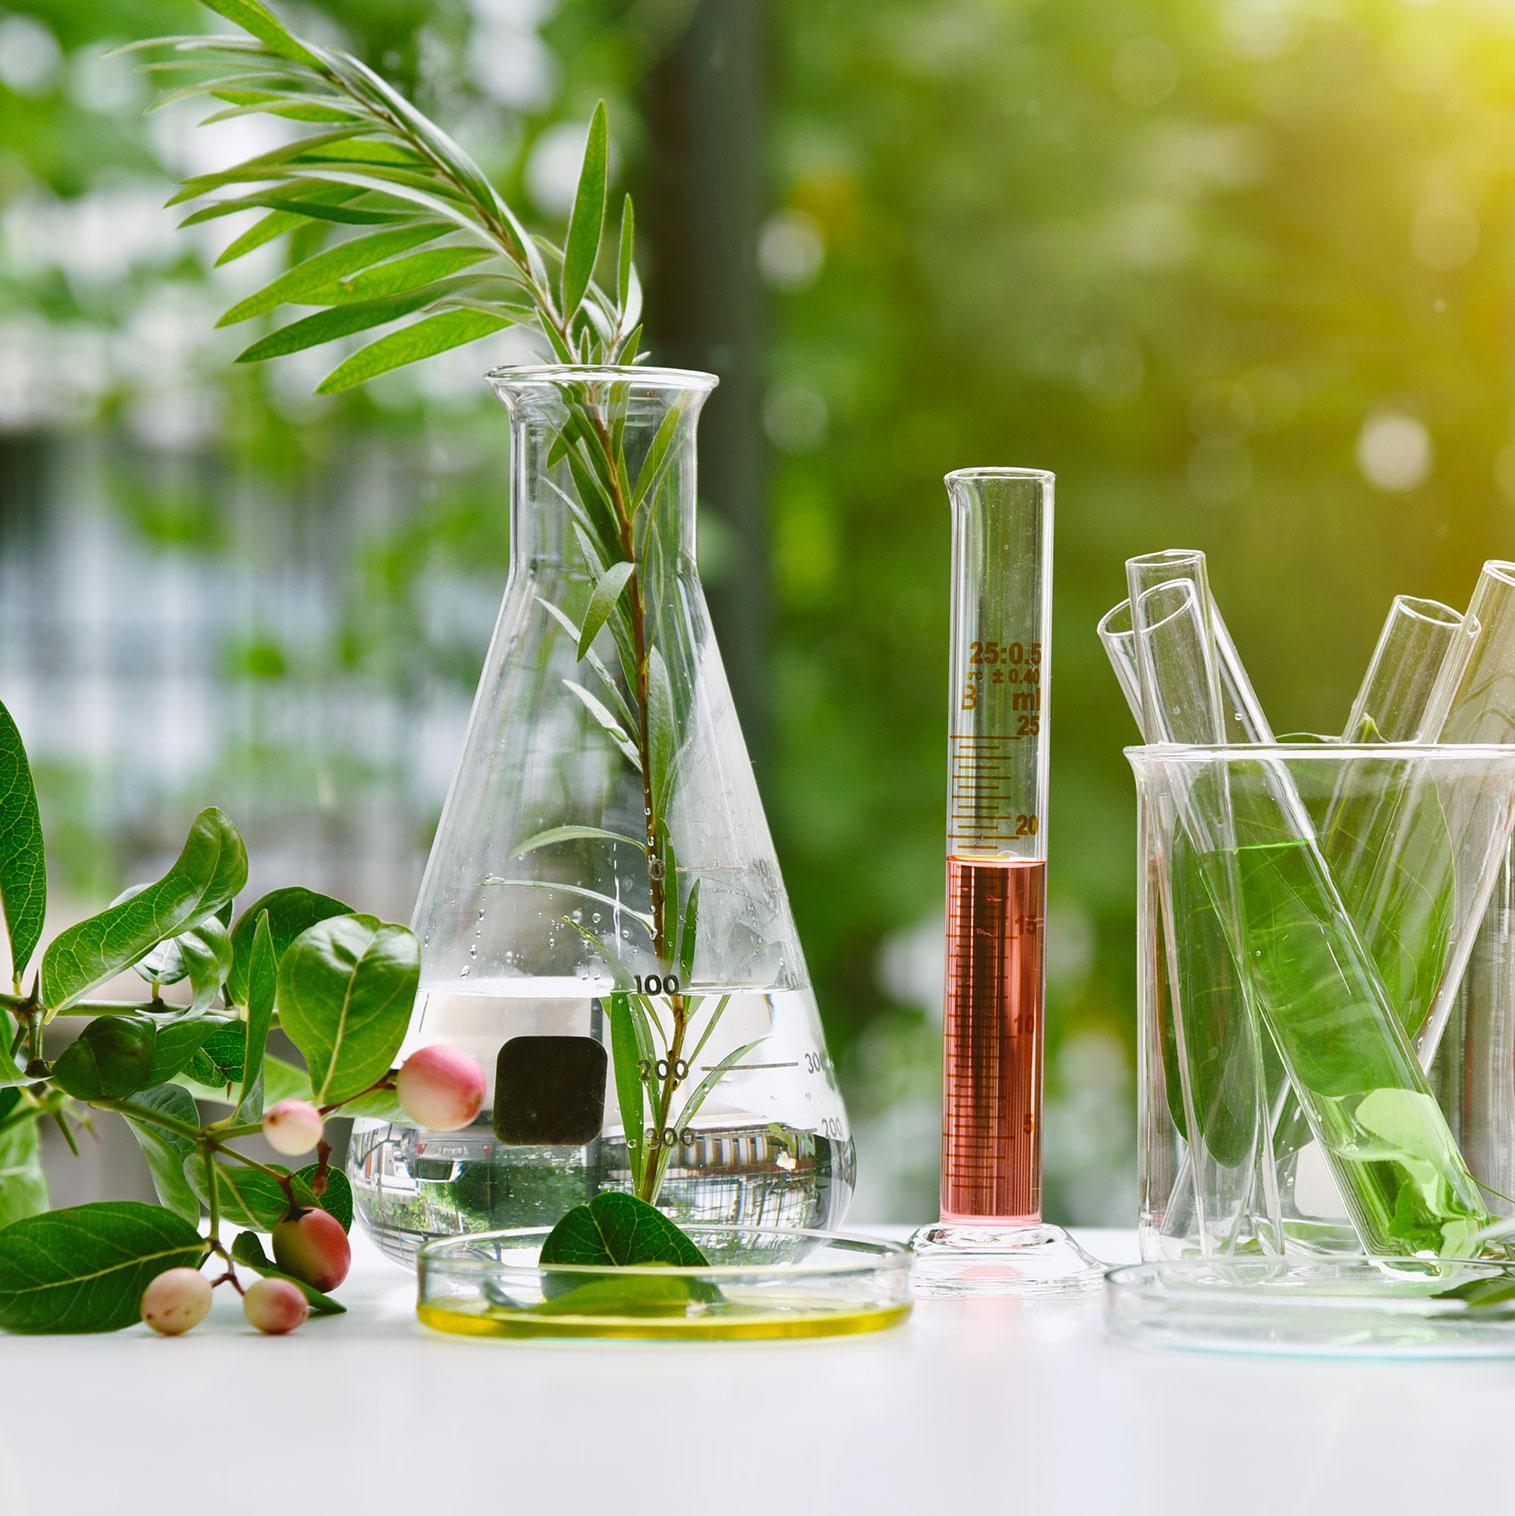 Selenia Italia punta all'eccellenza e ad una produzione interamente Made in Italy testata clinicamente nei migliori istituti di bellezza.